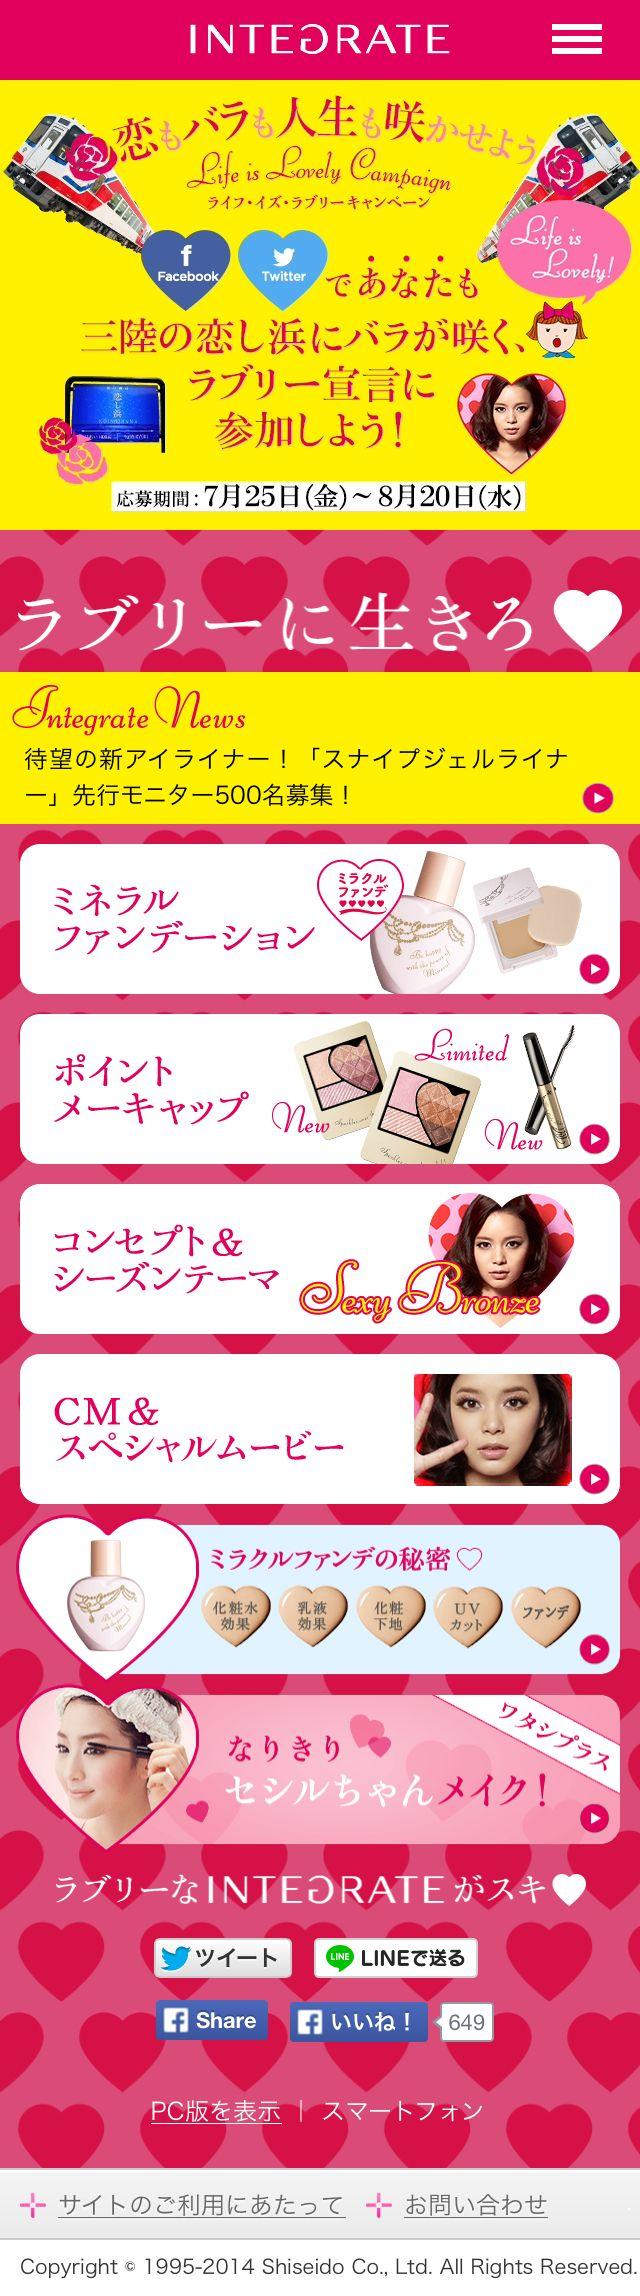 http://www.shiseido.co.jp/ie/smt/index.html